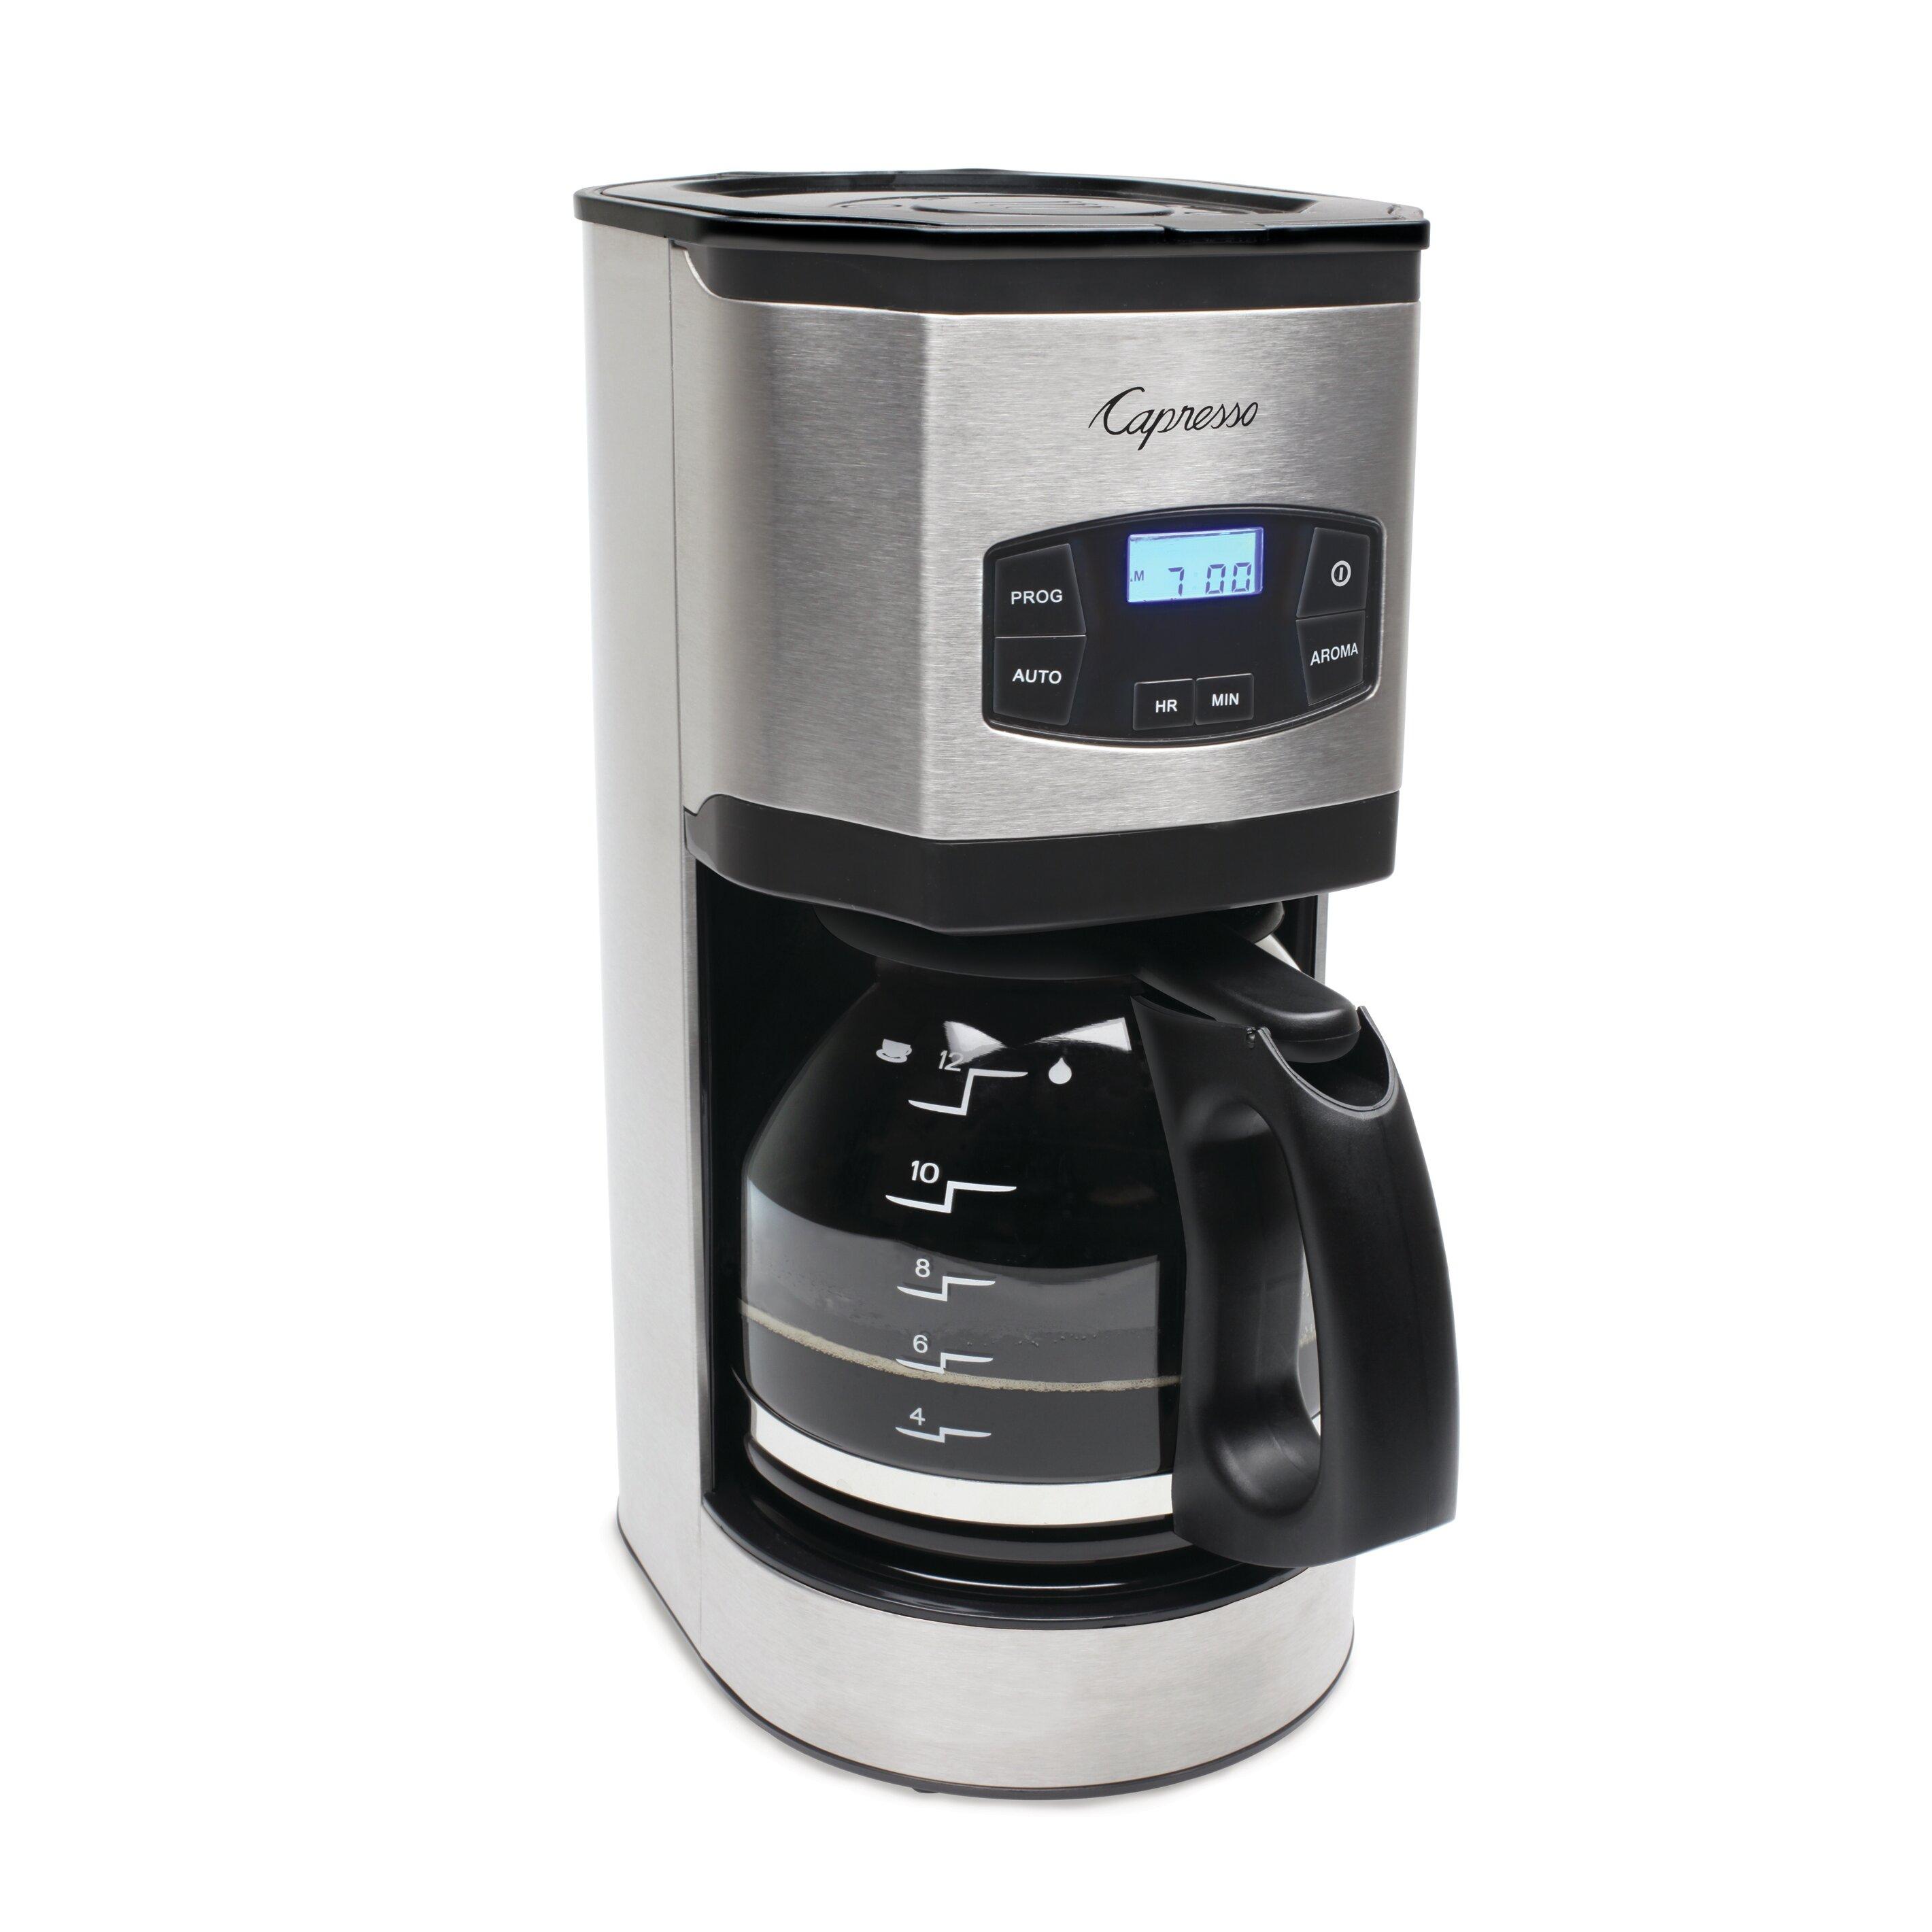 Capresso Coffee Maker & Reviews Wayfair